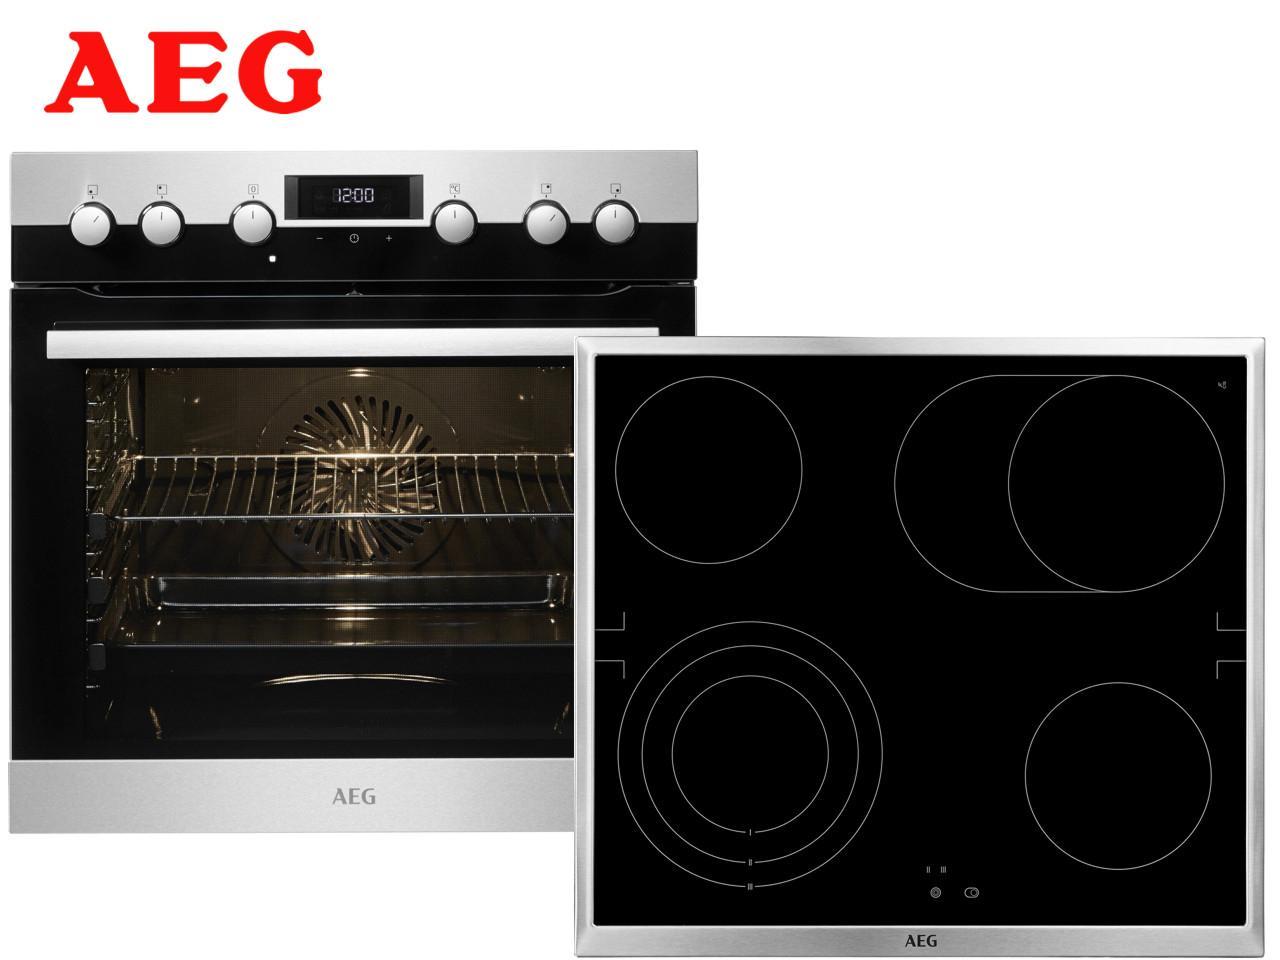 AEG Combi 403 + záruka 3 roky! + 700 Kč na dárky nebo další nákup | CHAT on-line podpora PO-PÁ 8-22.00!!